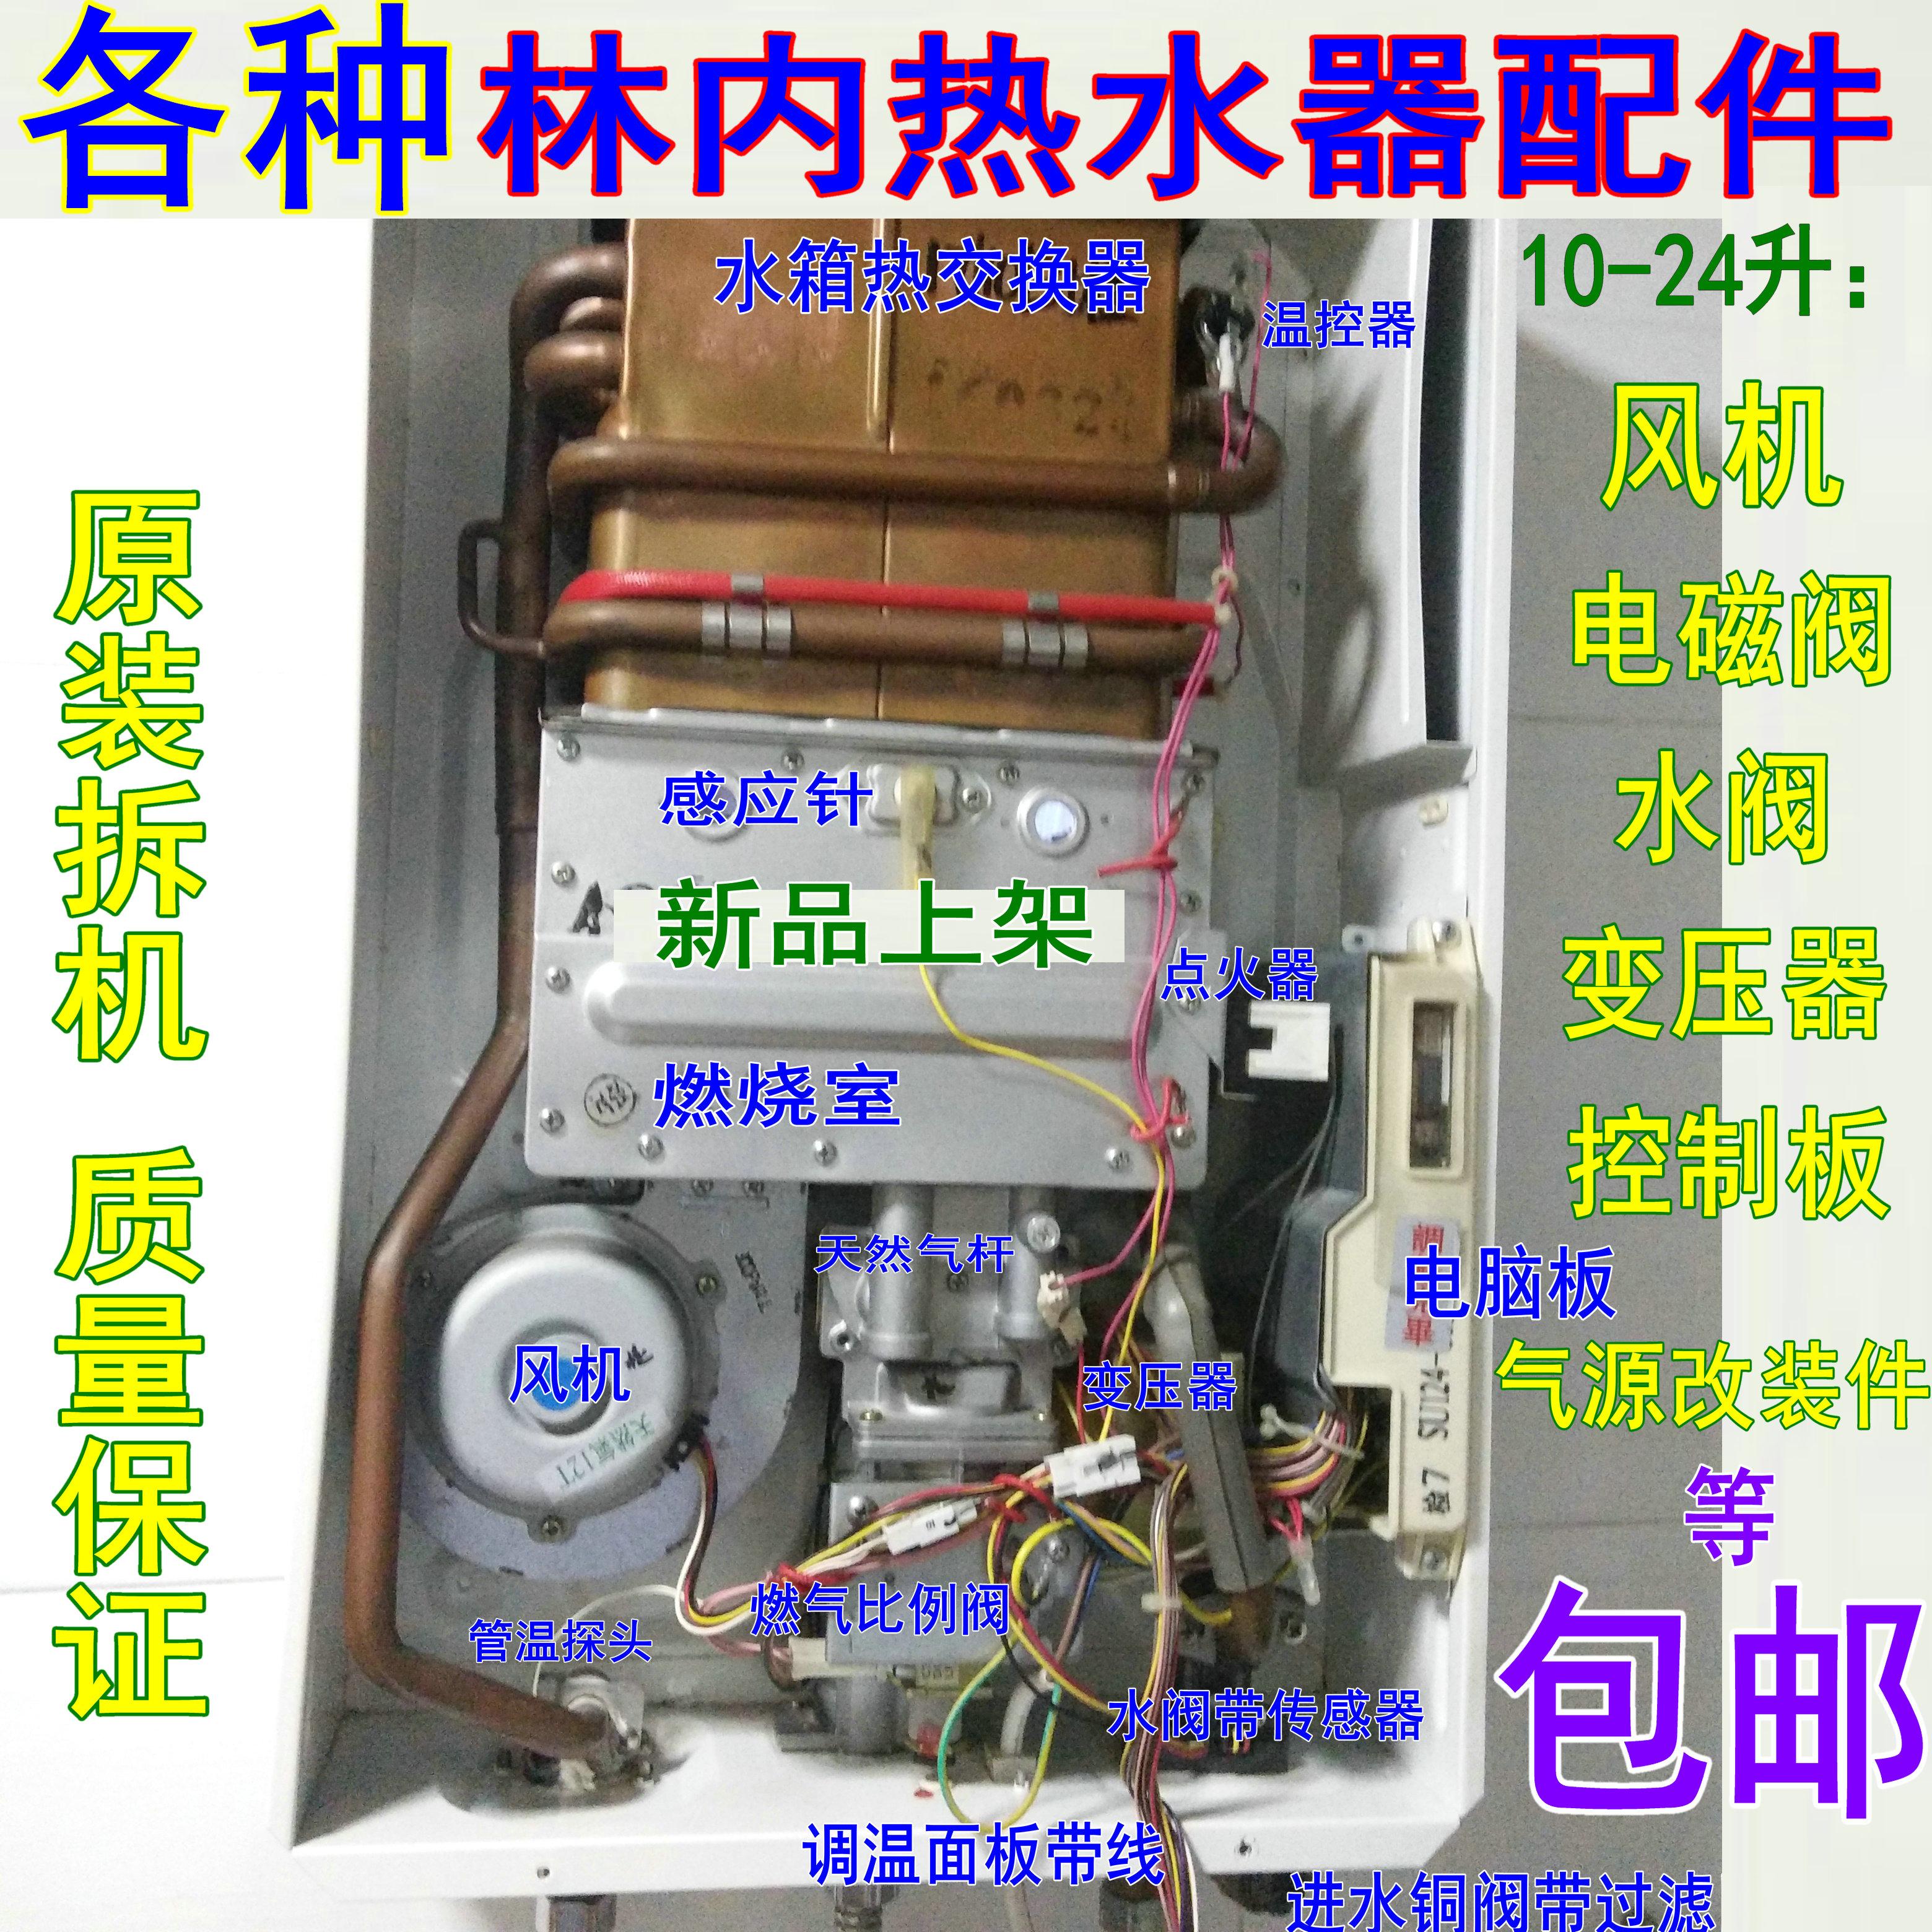 原装林内燃气热水器电脑板 水流传感器 风机 变压器 比例阀配件图片